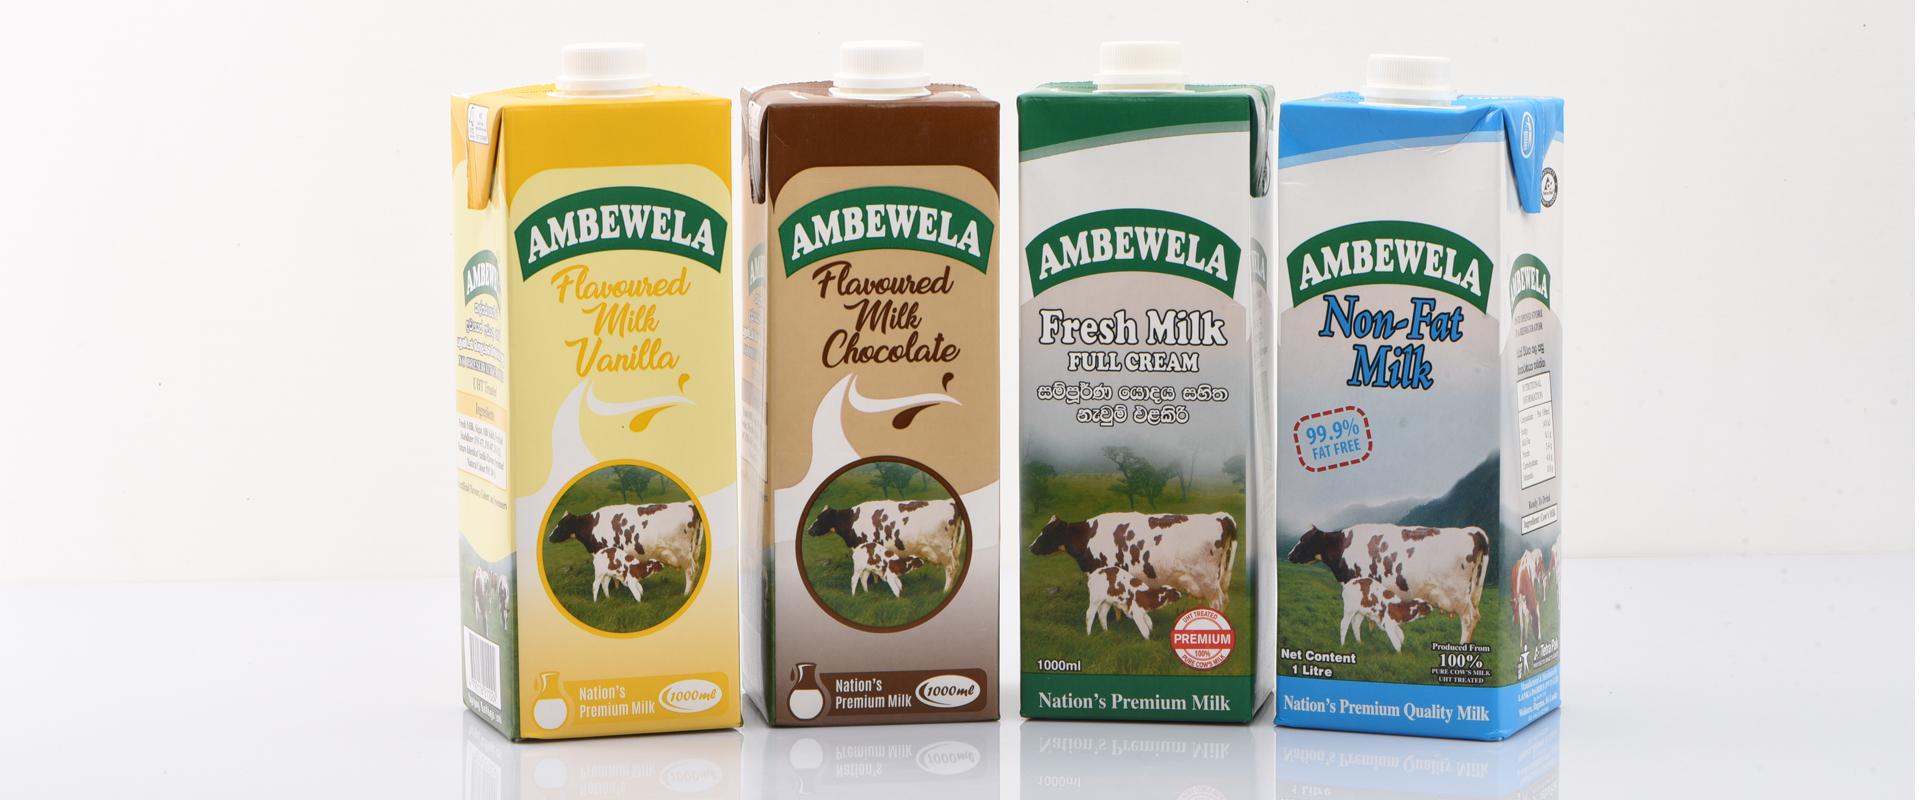 Ambewela Milk Lanka Milk Foods